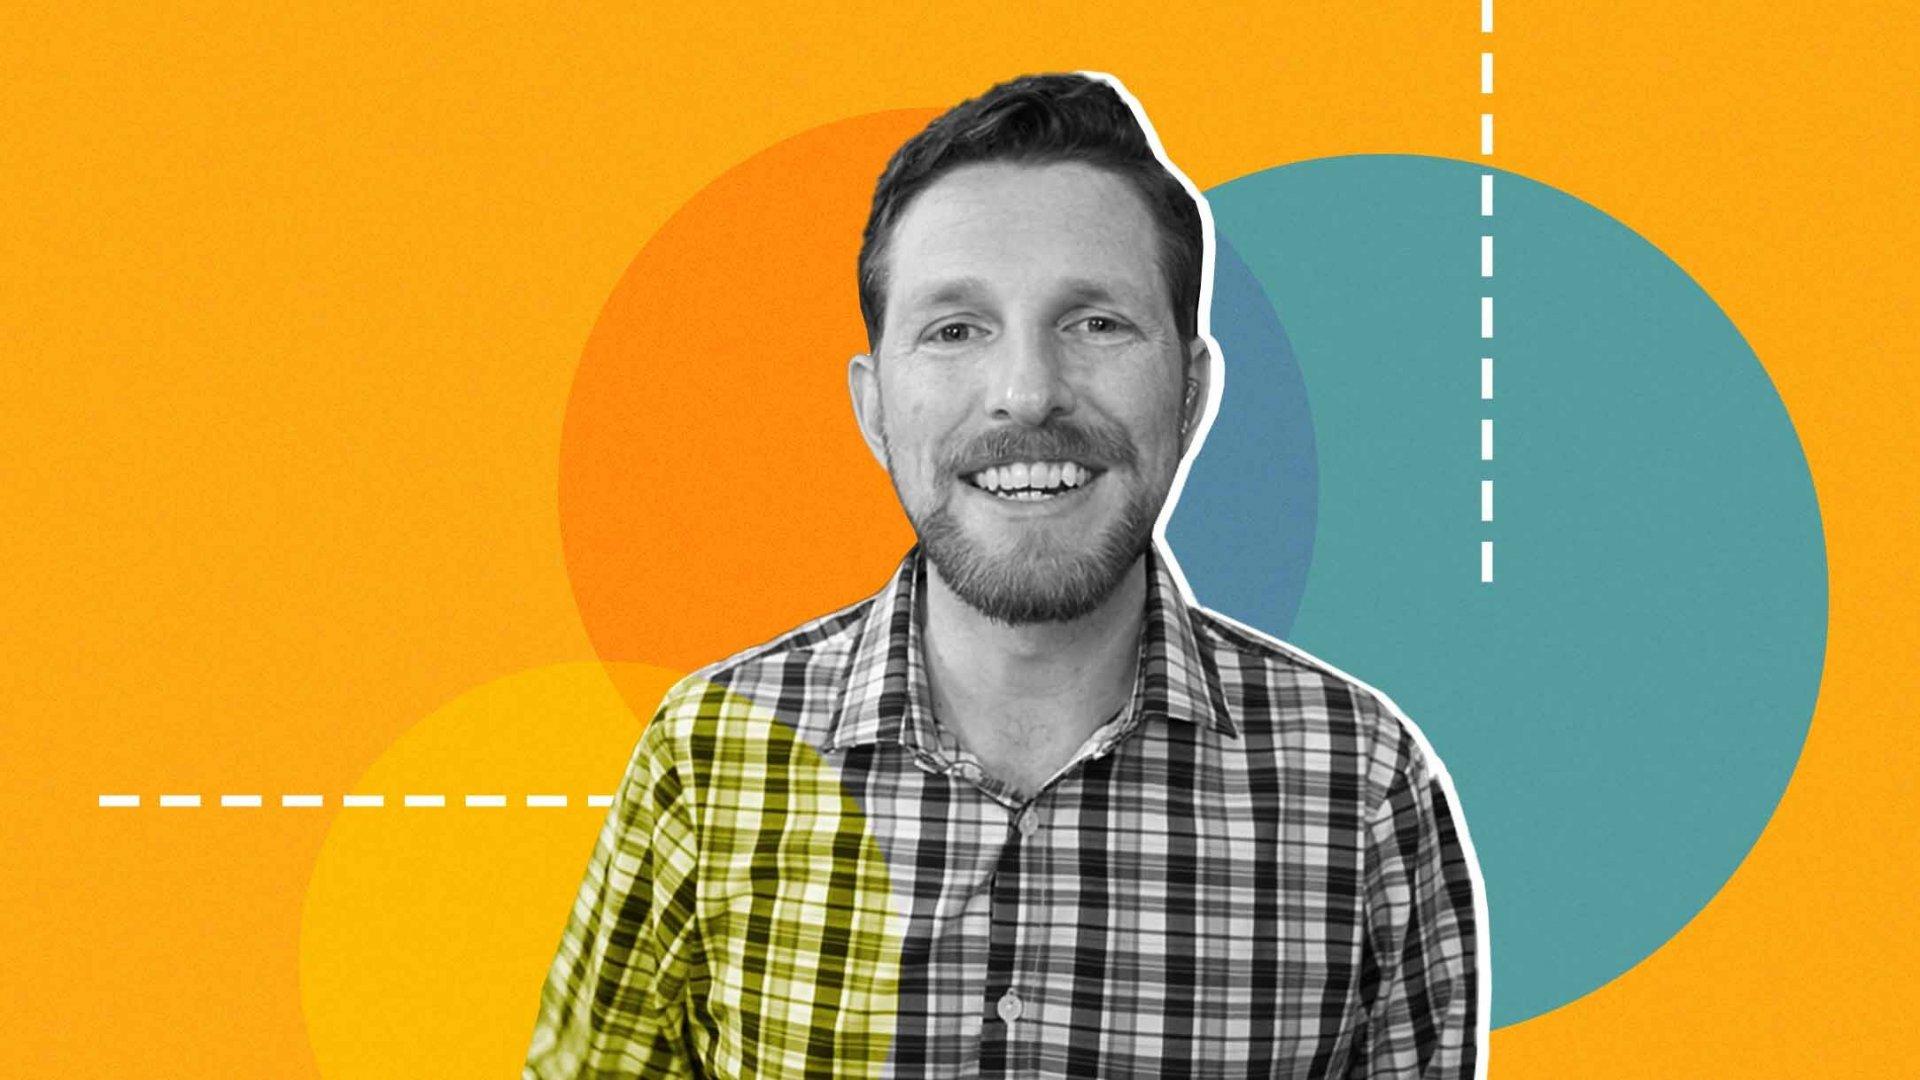 WordPress co-founder and serial entrepreneur Matt Mullenweg